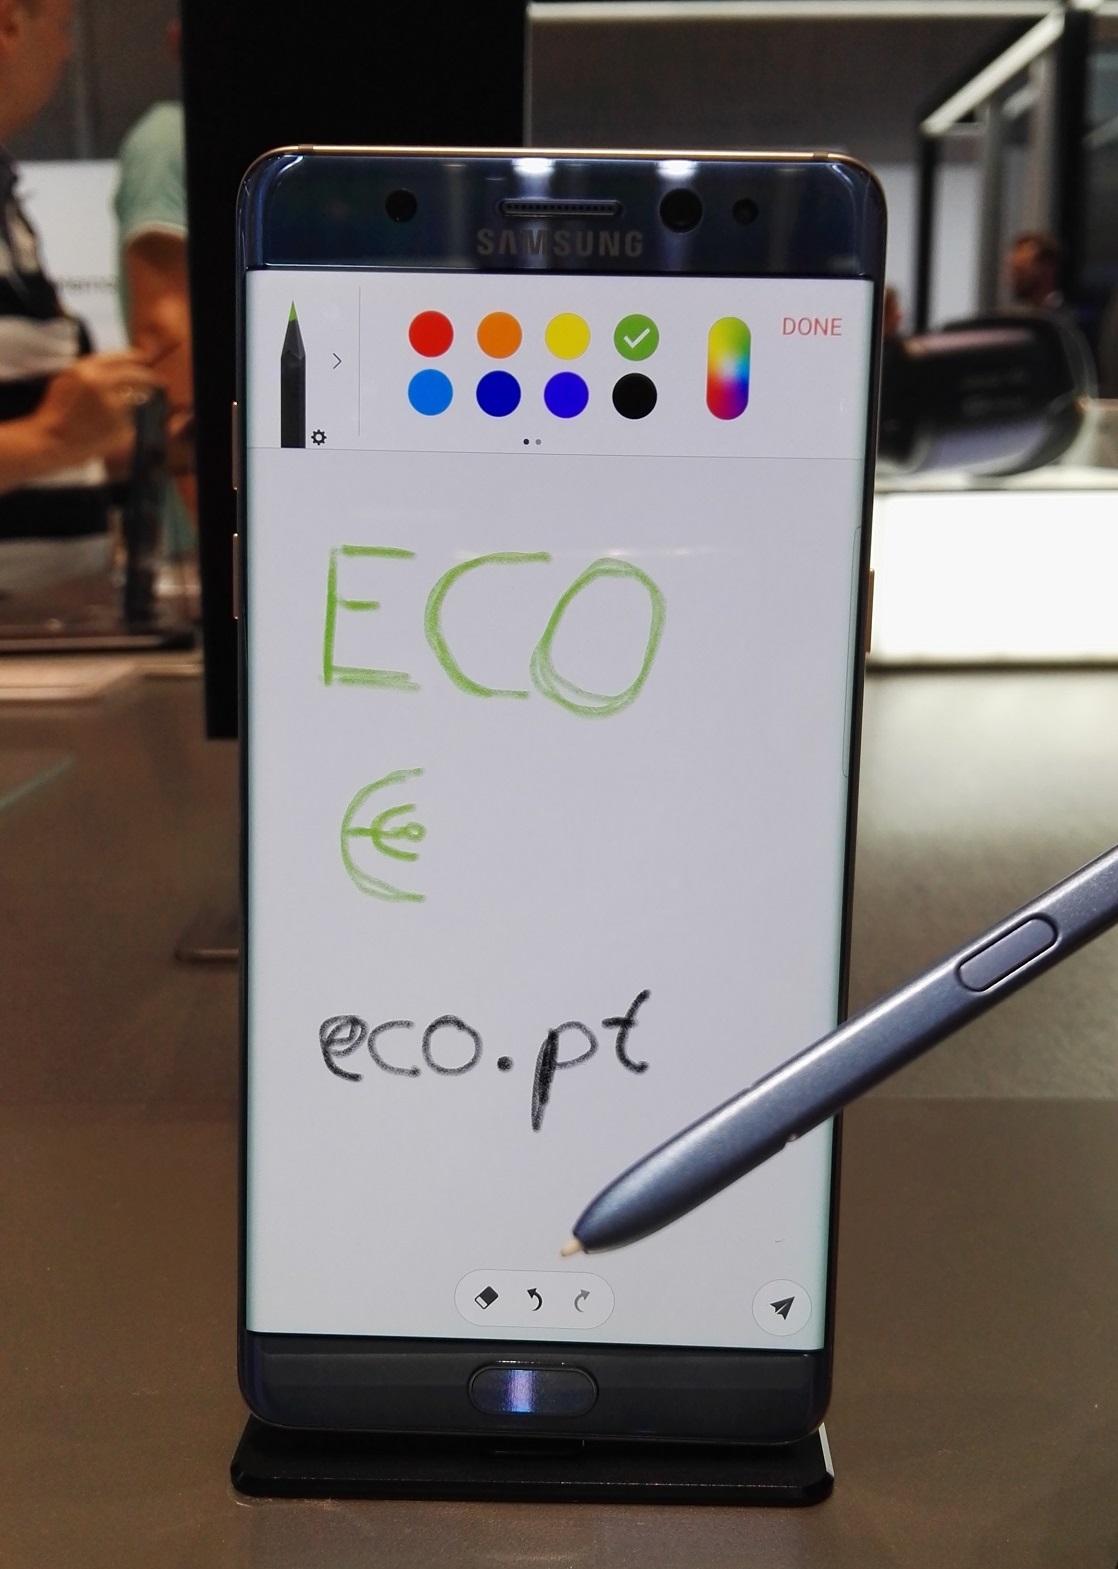 Um Samsung Galaxy Note 7 em exposição na feira de tecnologia IFA, em Berlim